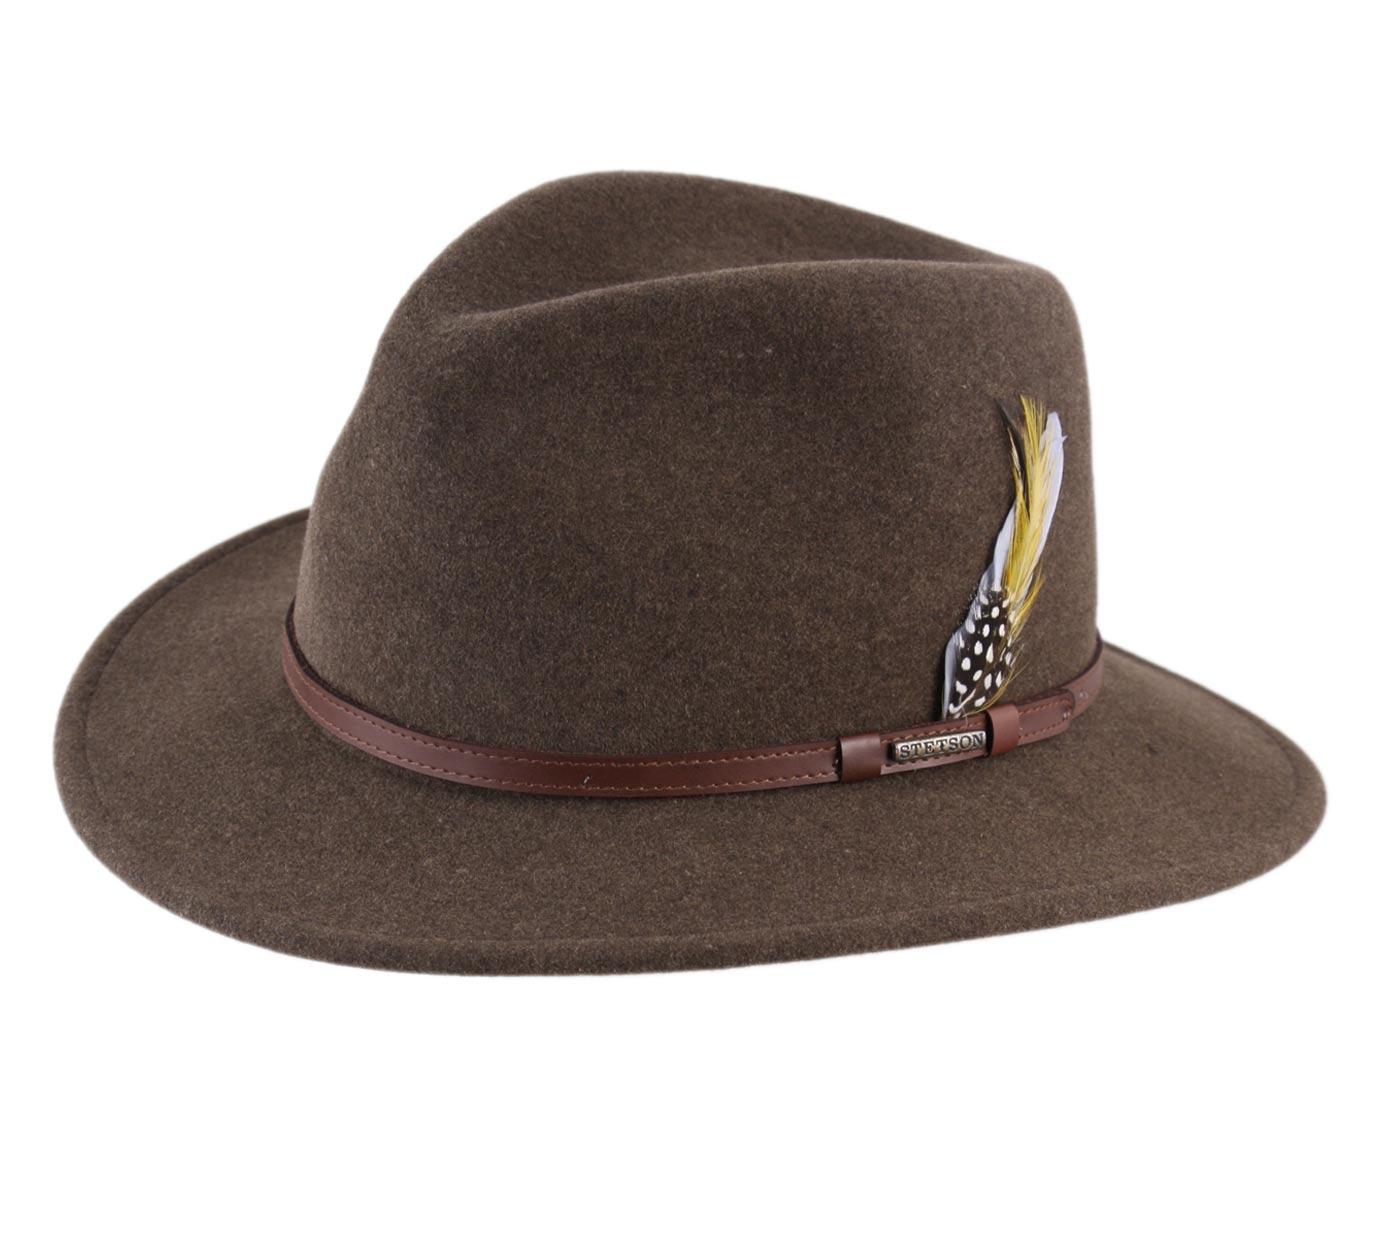 ff5bb57c35a5a Traveller Vitafelt Mix - Hats Stetson